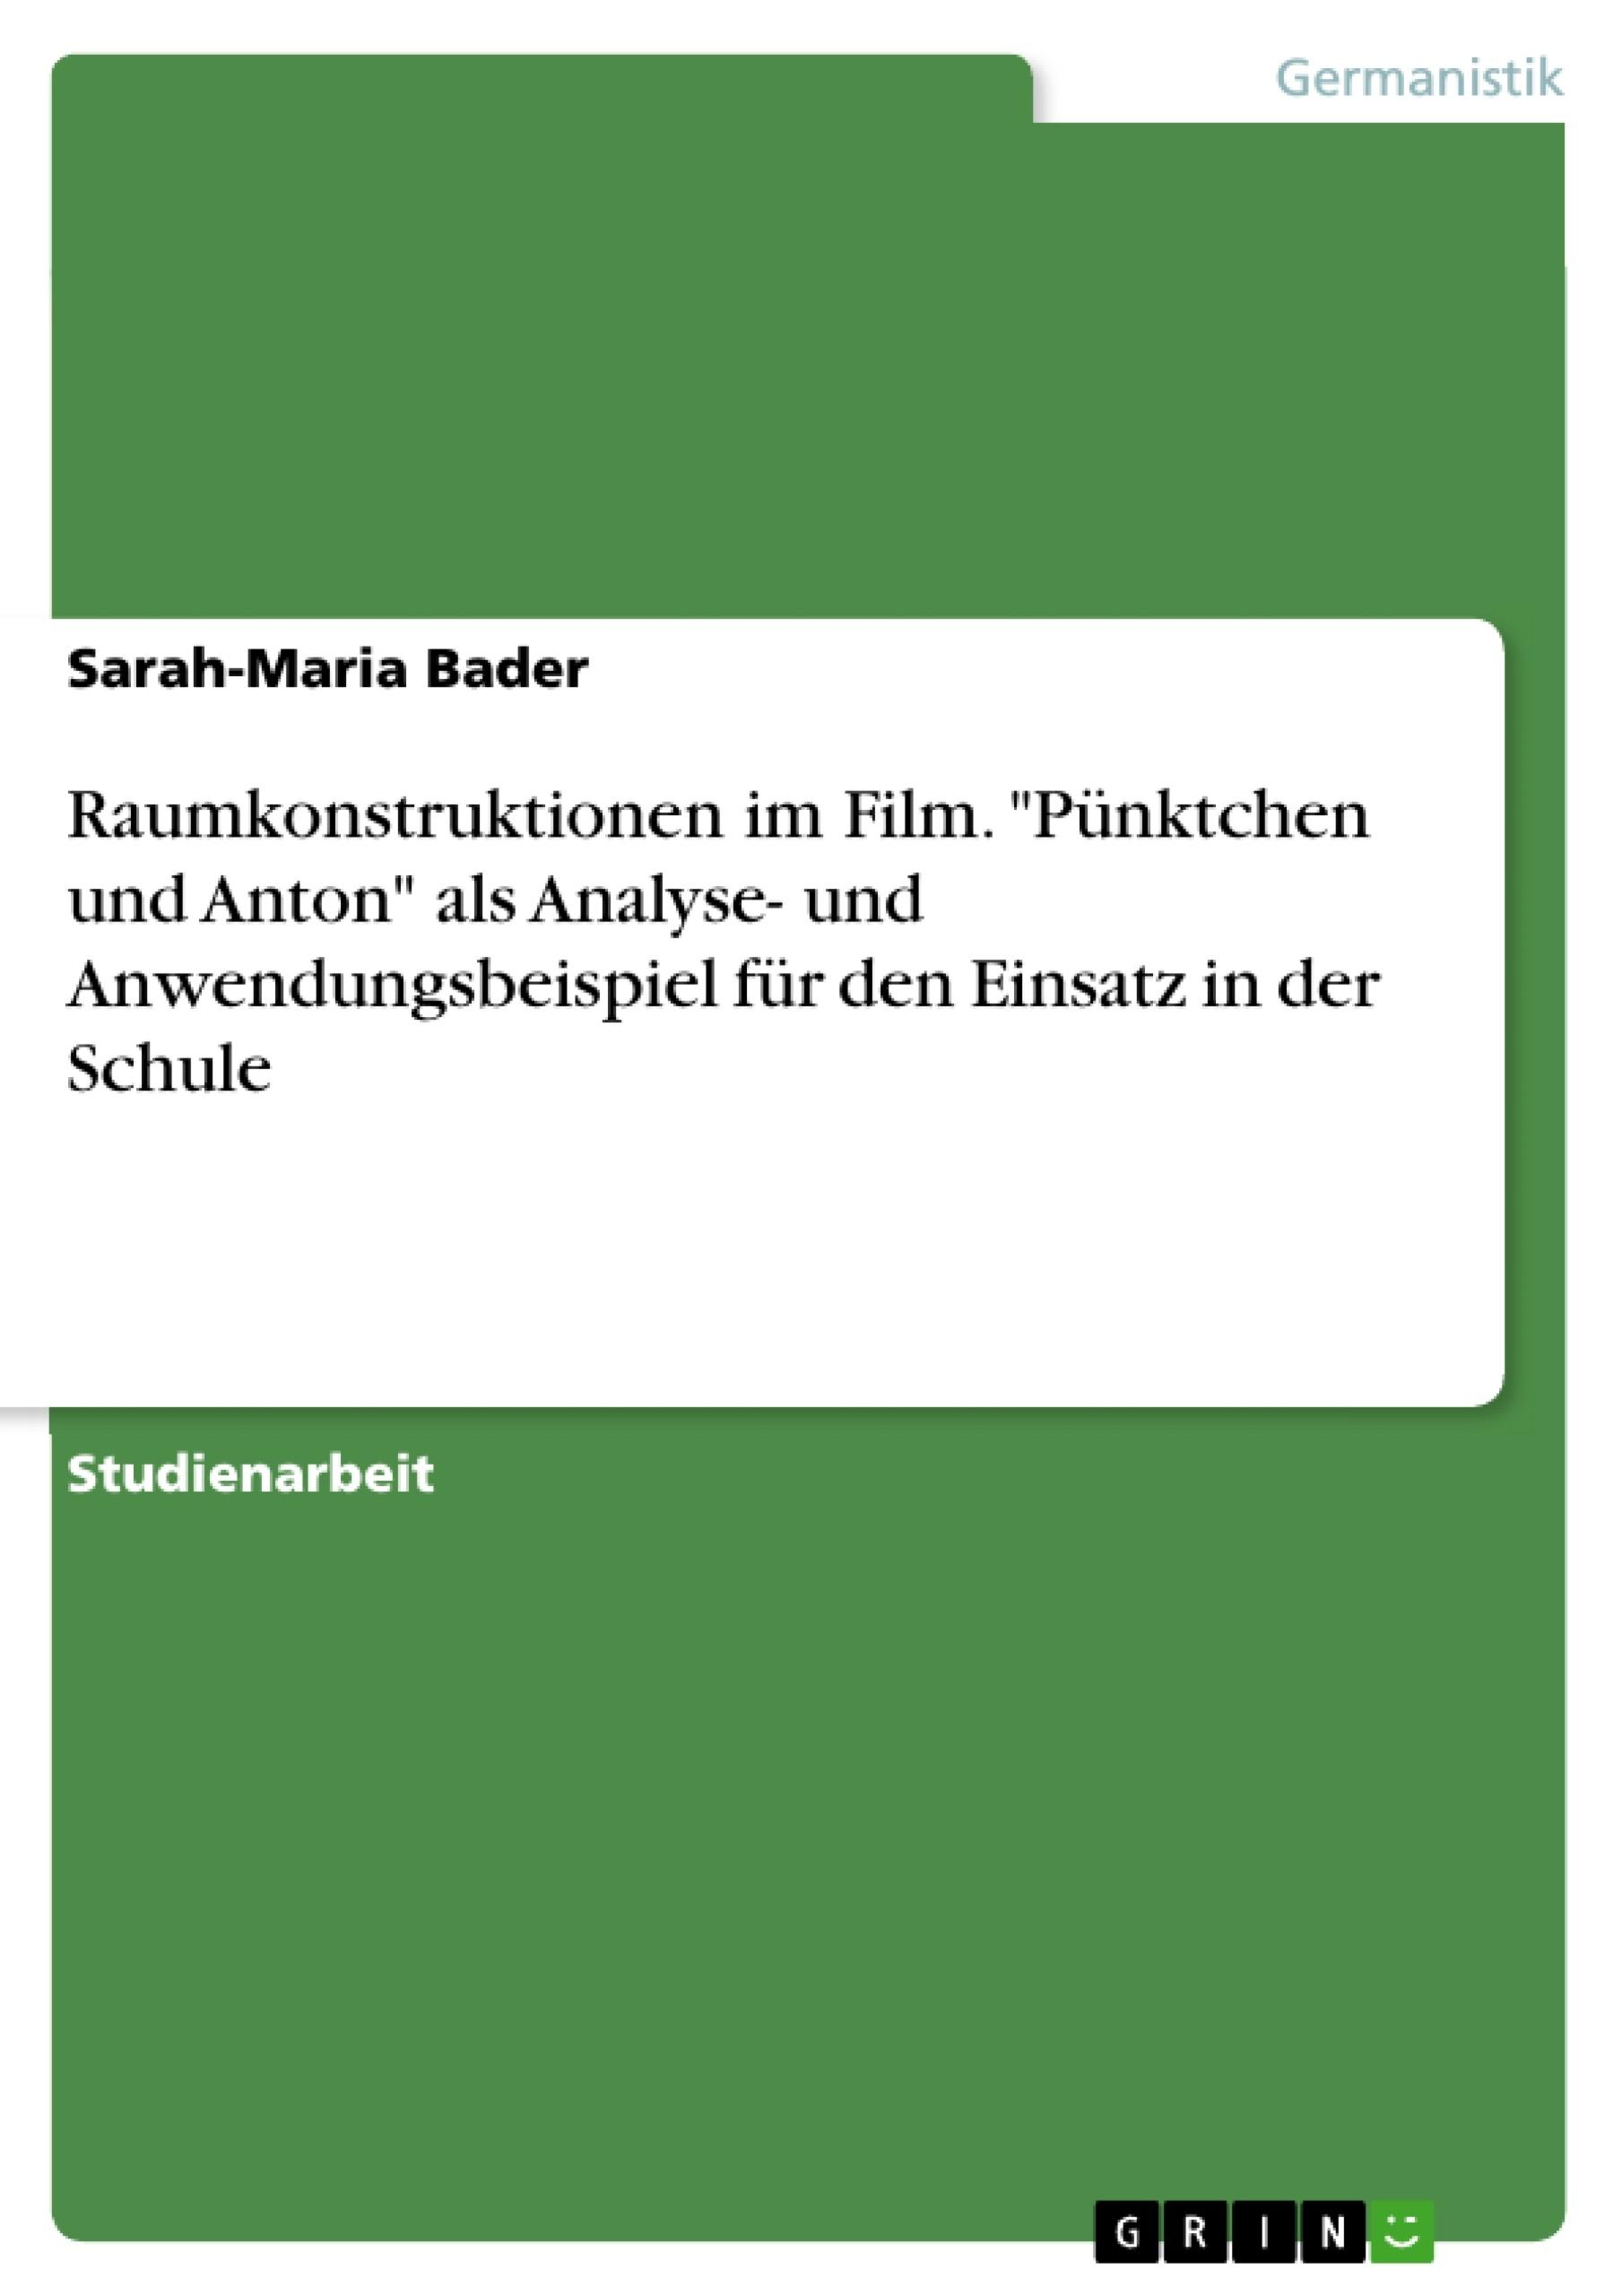 """Titel: Raumkonstruktionen im Film. """"Pünktchen und Anton"""" als Analyse- und Anwendungsbeispiel für den Einsatz in der Schule"""